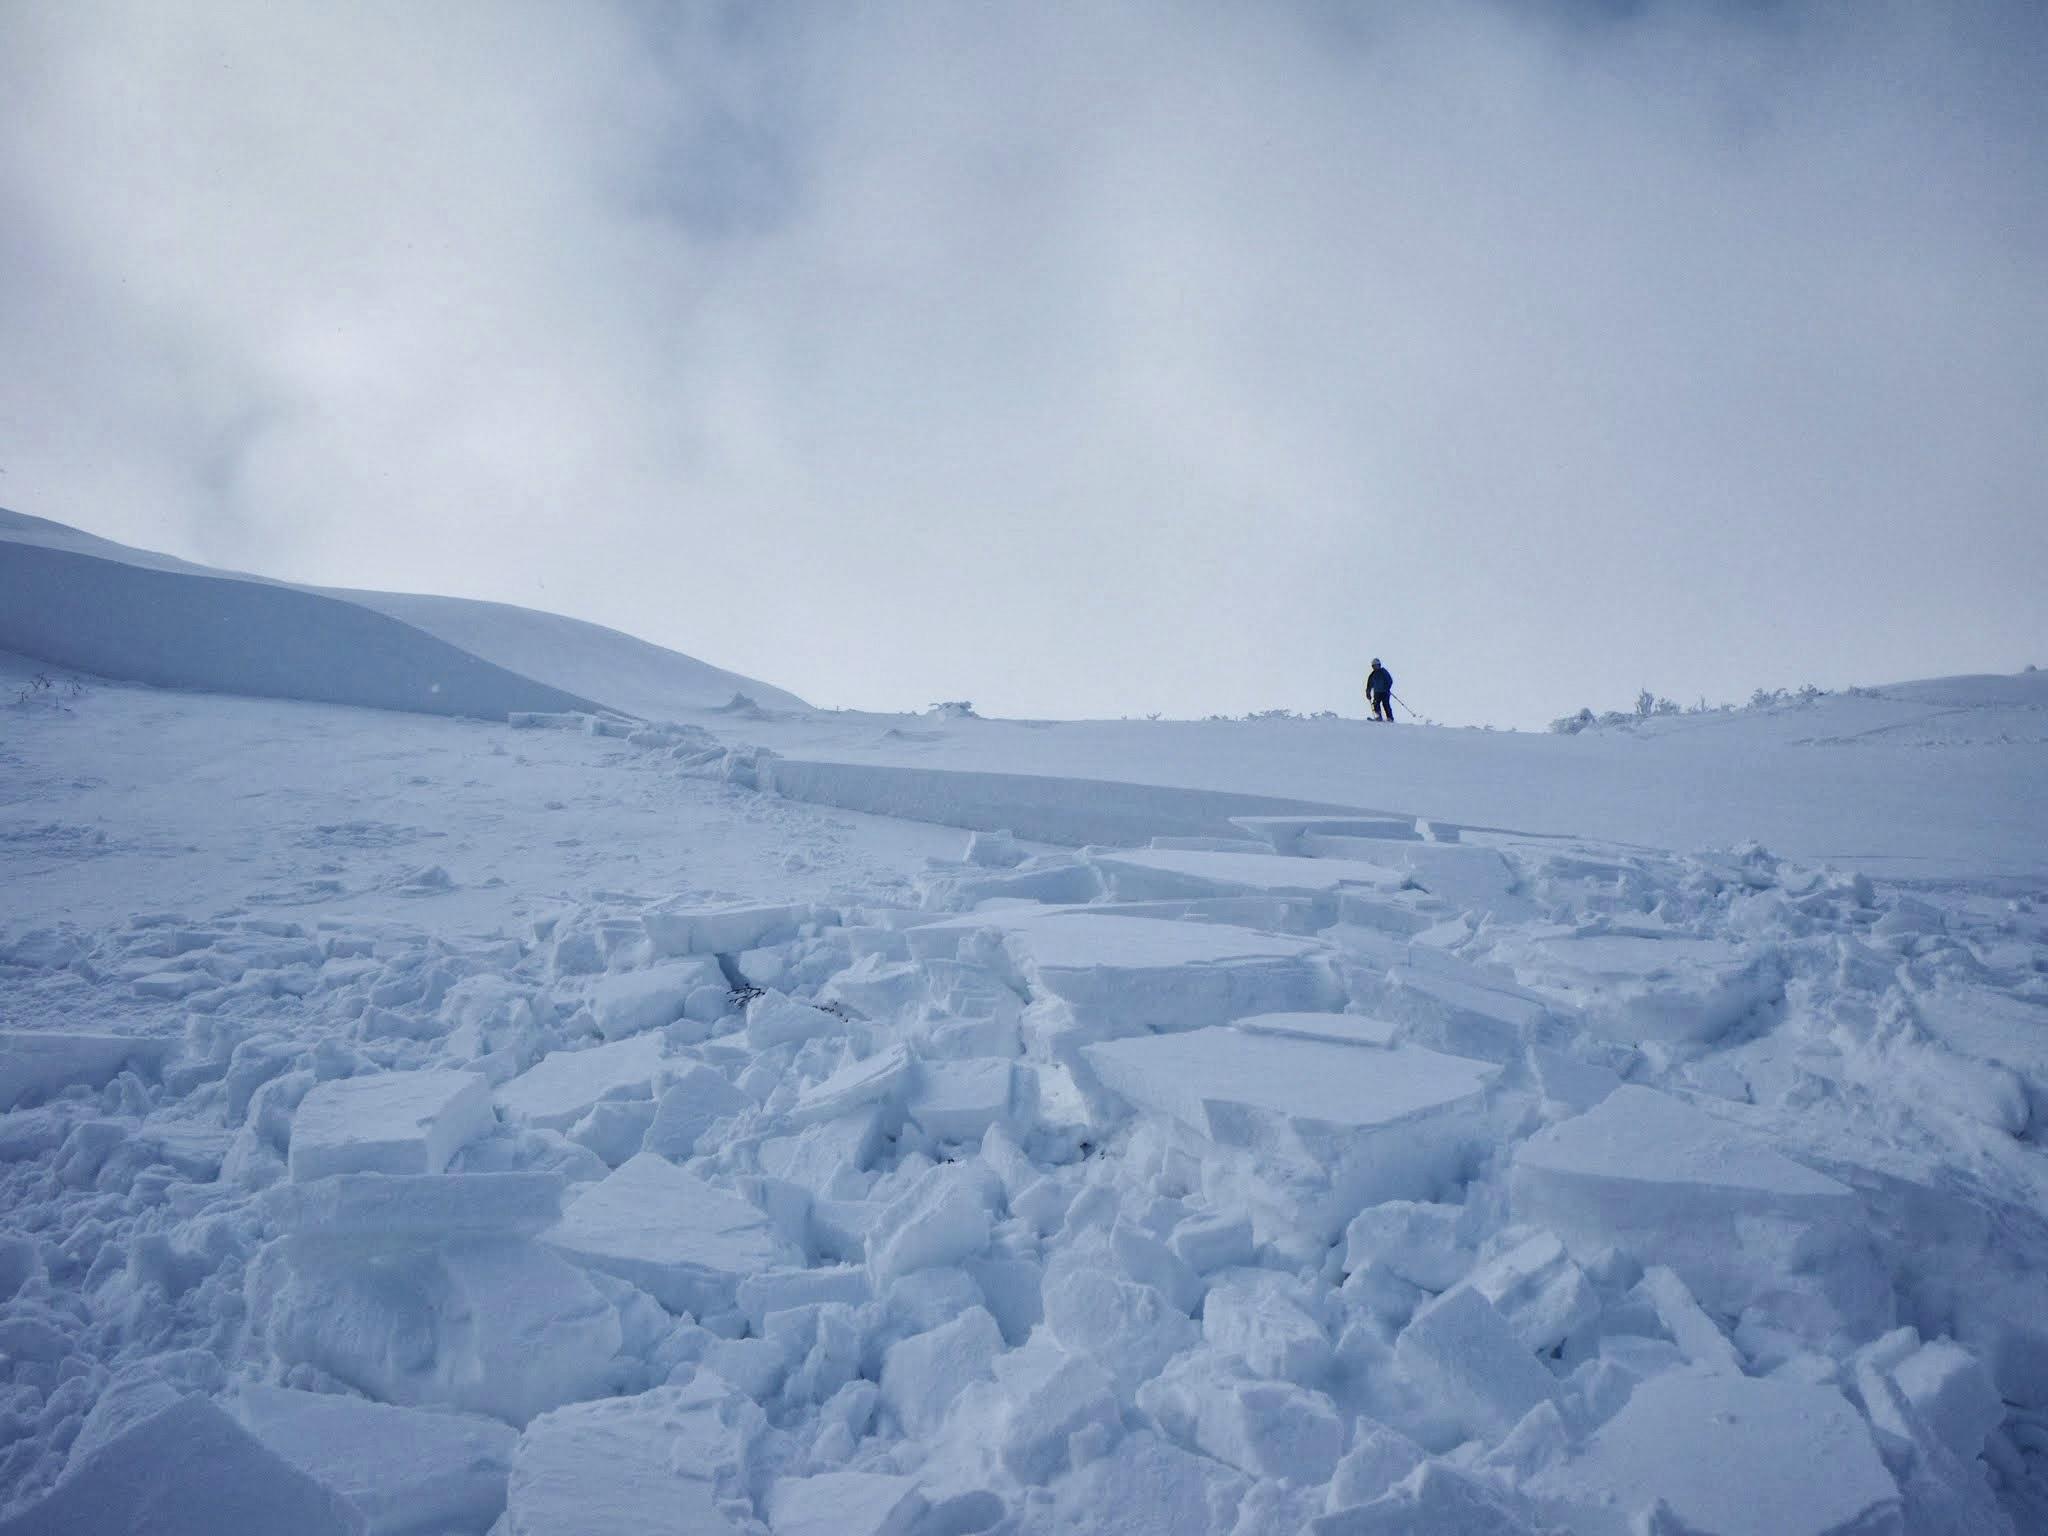 刈田岳井戸沢の雪崩について_f0170180_13131494.jpg